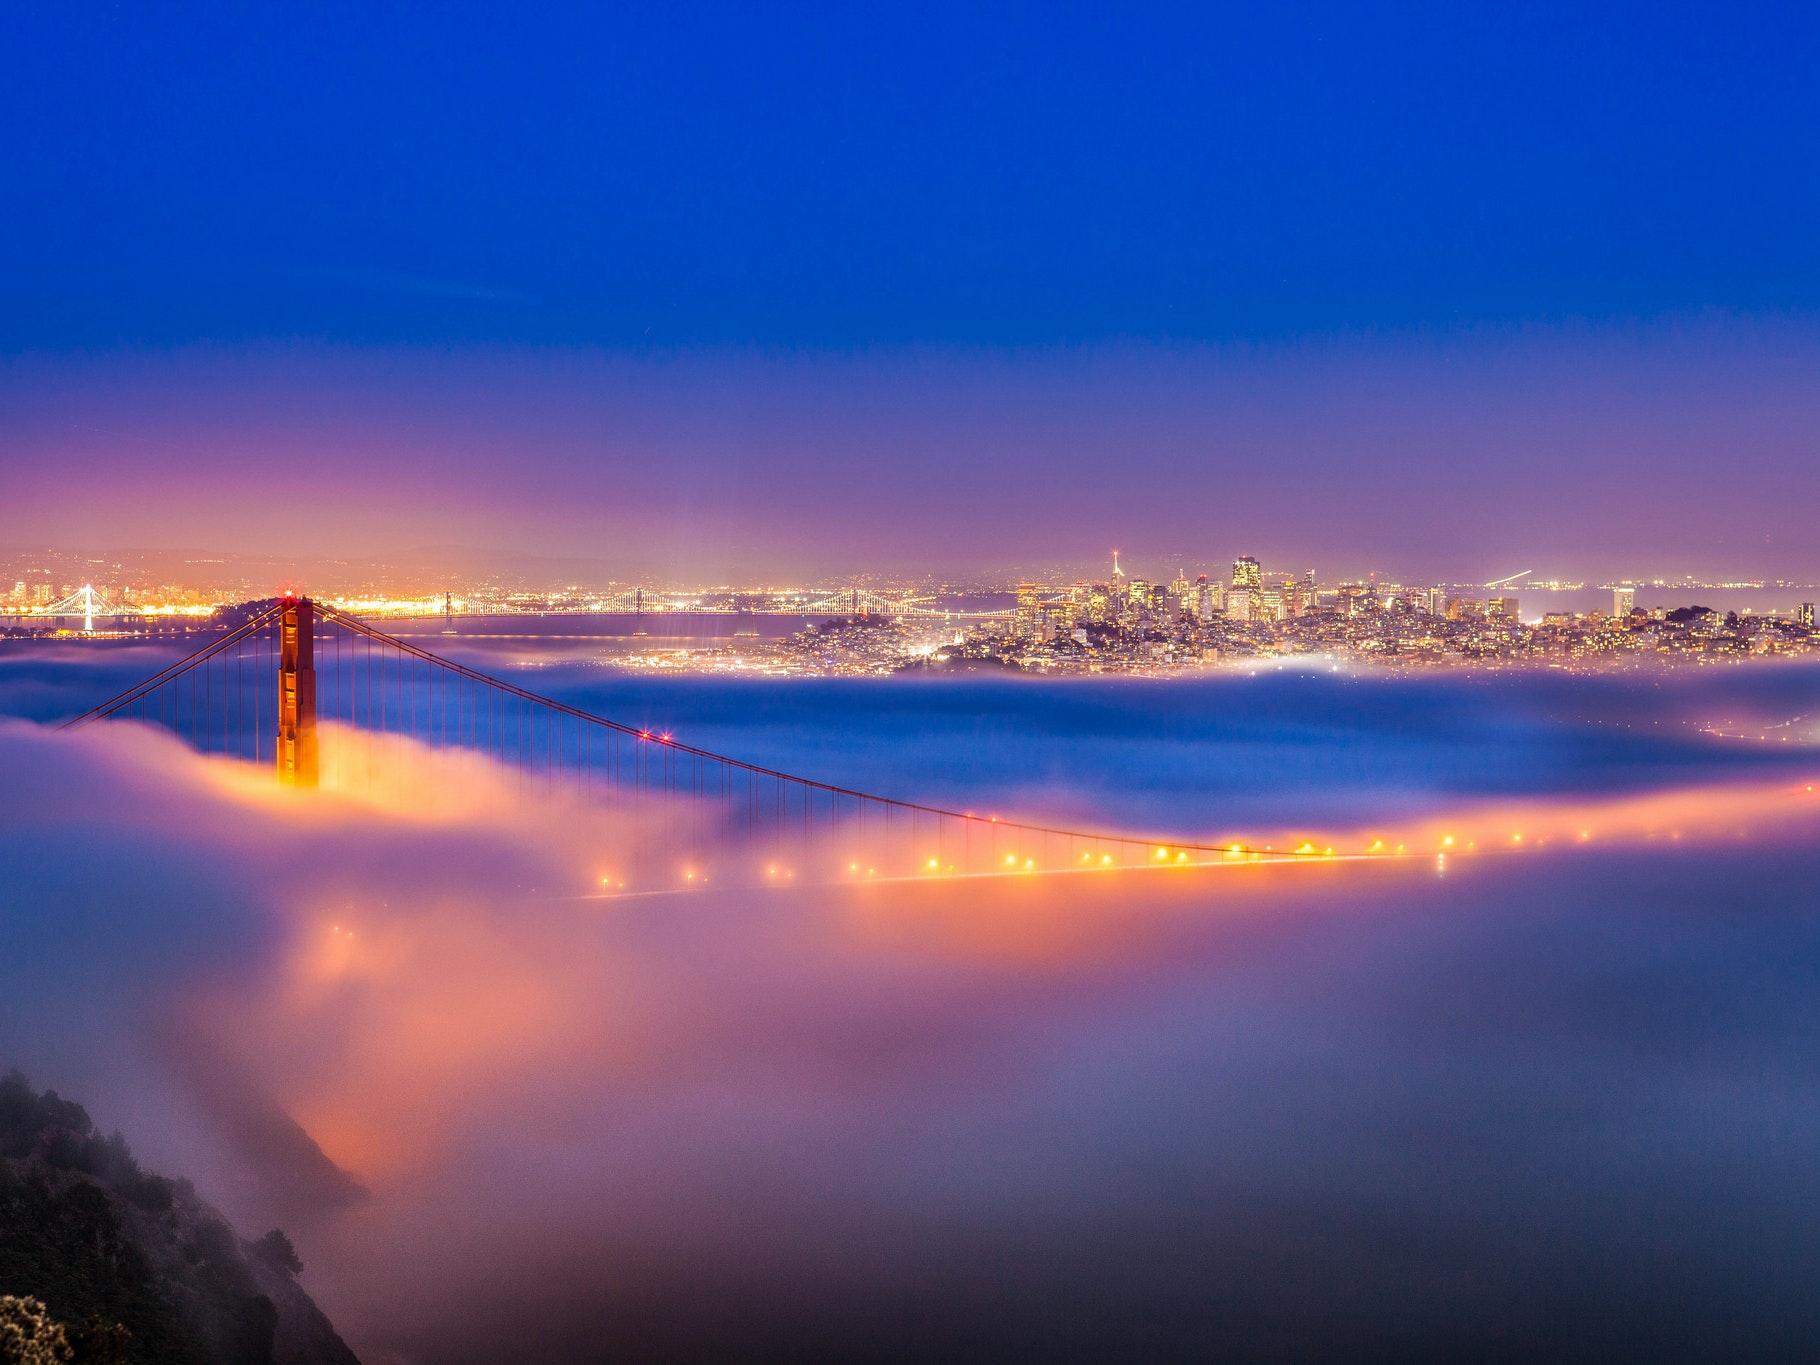 California's 4 Future Cities